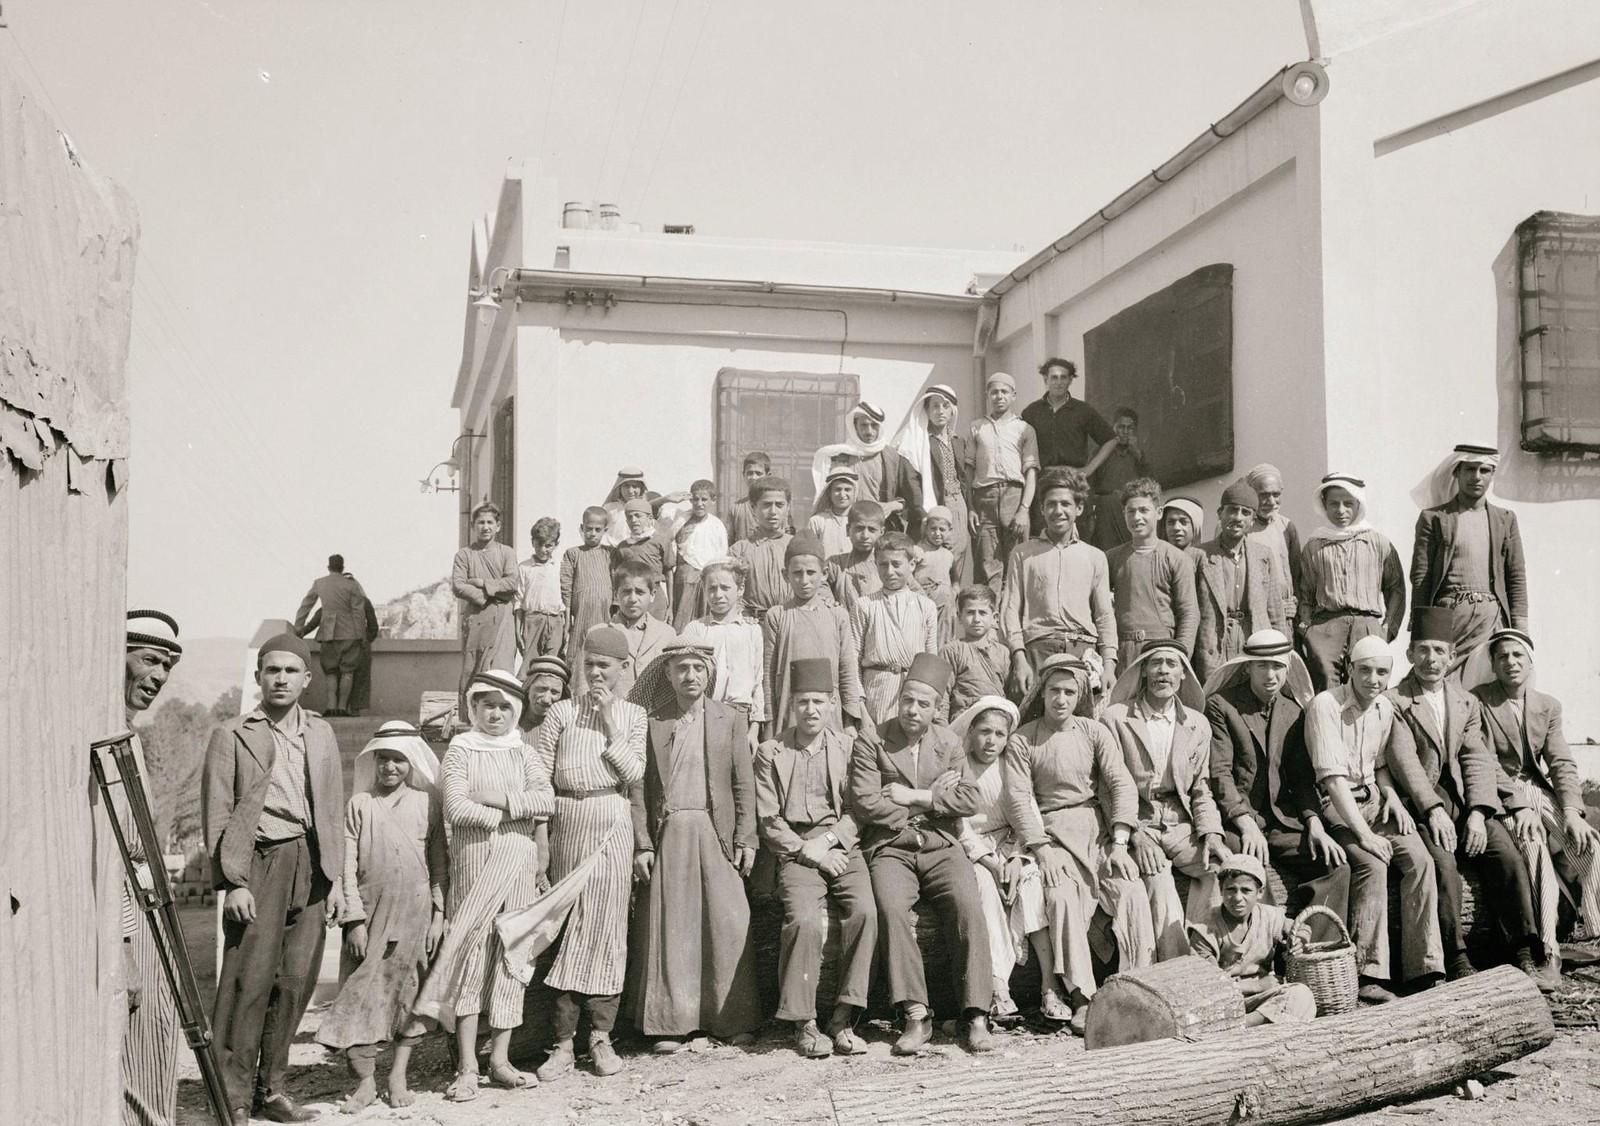 13. 1940. Шхем. Спичечная фабрика. Группа рабочих вне фабрики